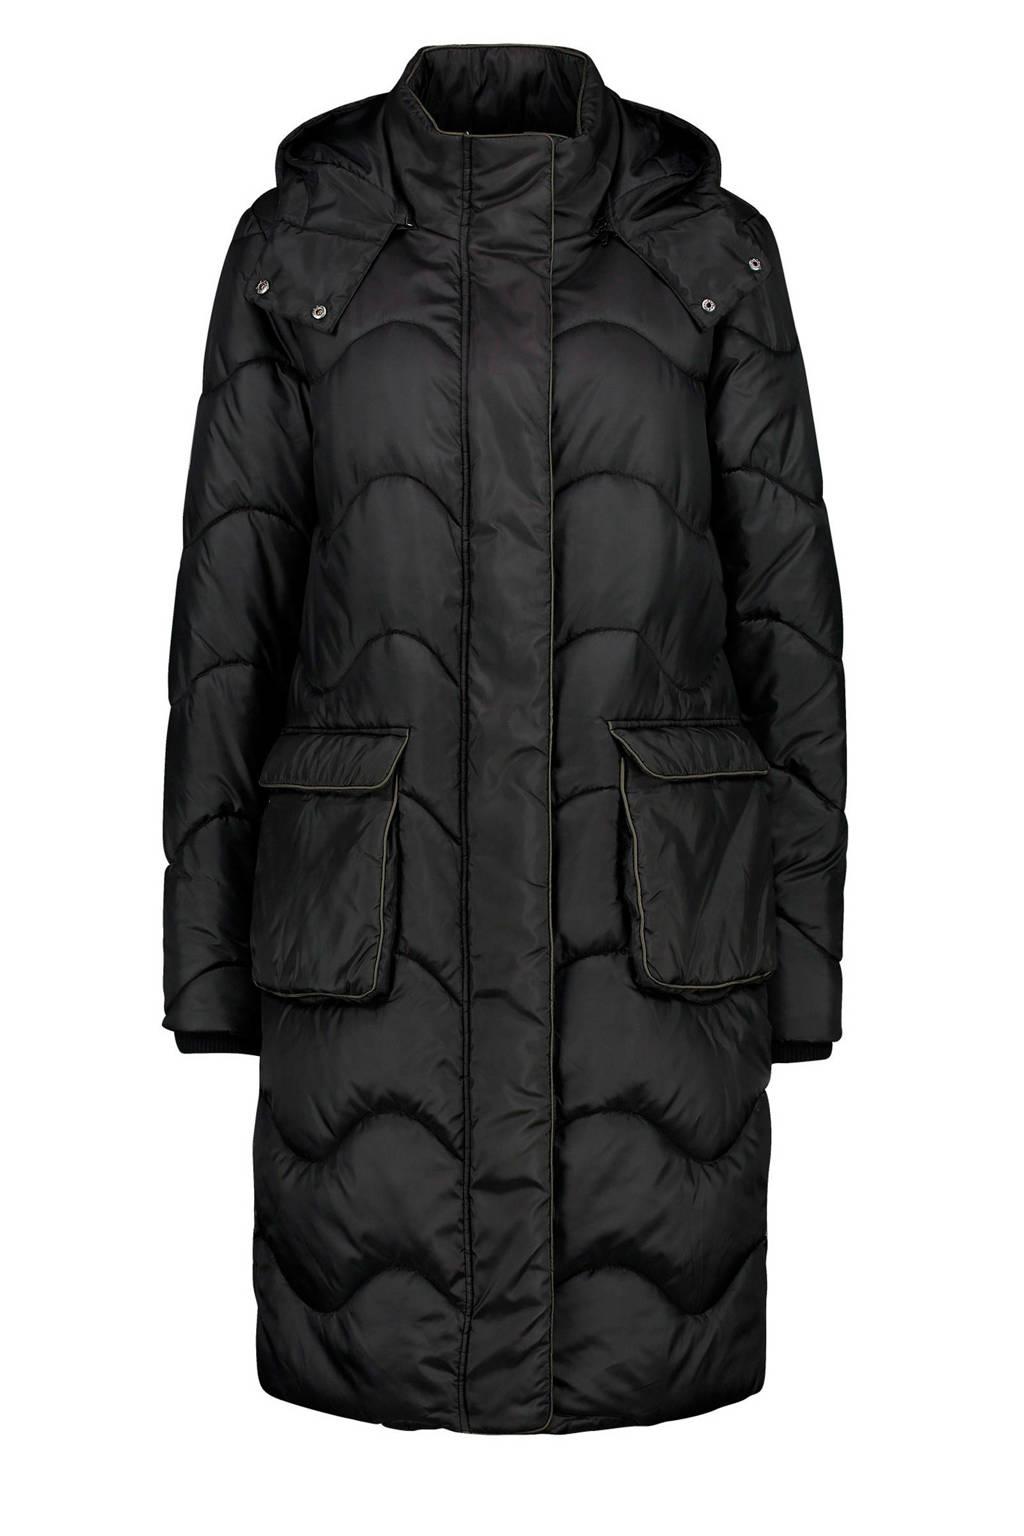 Expresso ribgebreide winterjas Lia met contrastbies zwart, Zwart